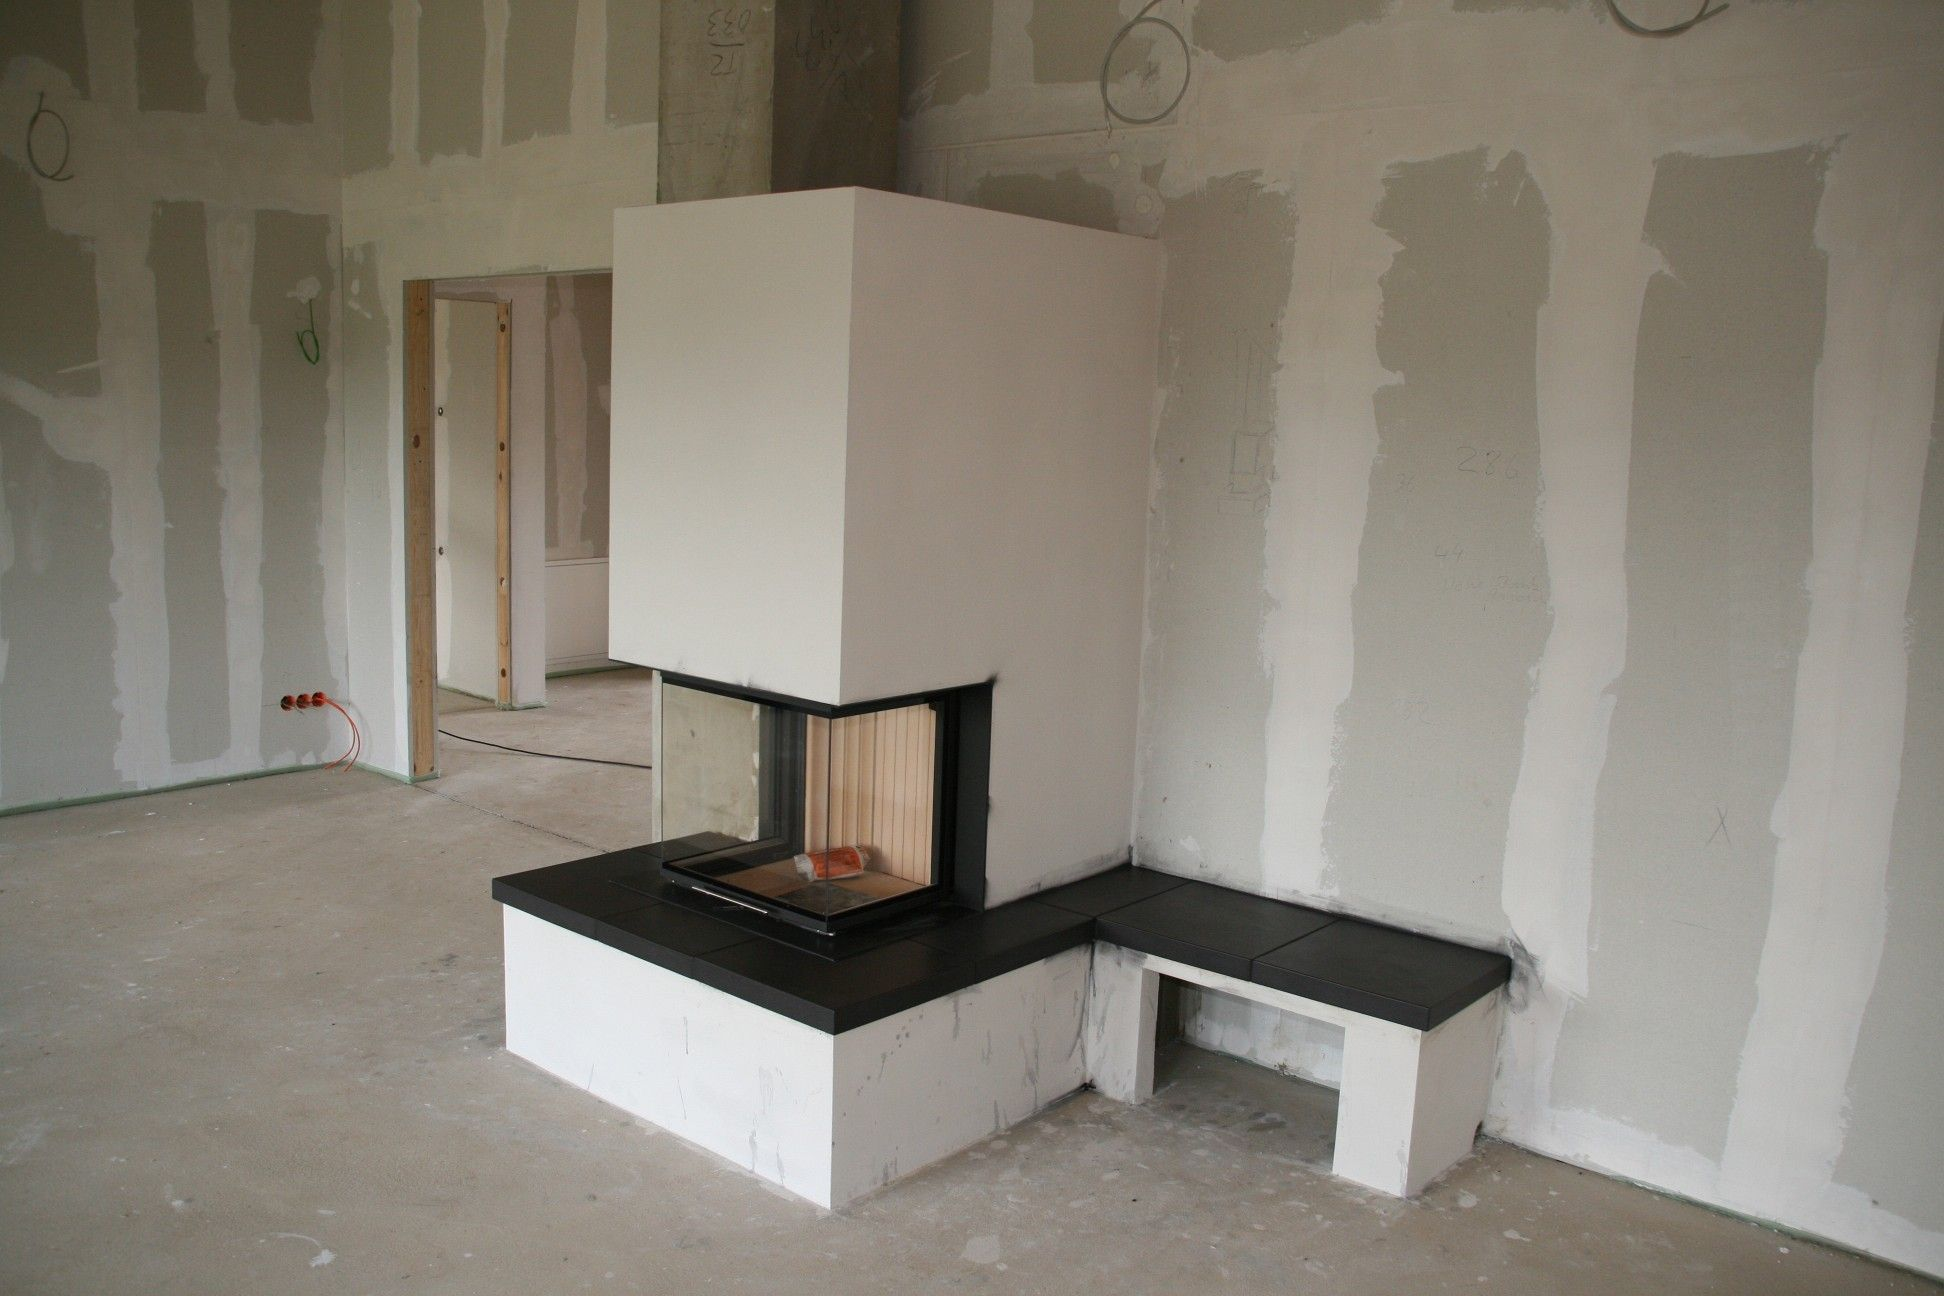 kamin inkl sitzbank bauvorhaben hering schellbach pinterest ofen kamin wohnzimmer und. Black Bedroom Furniture Sets. Home Design Ideas